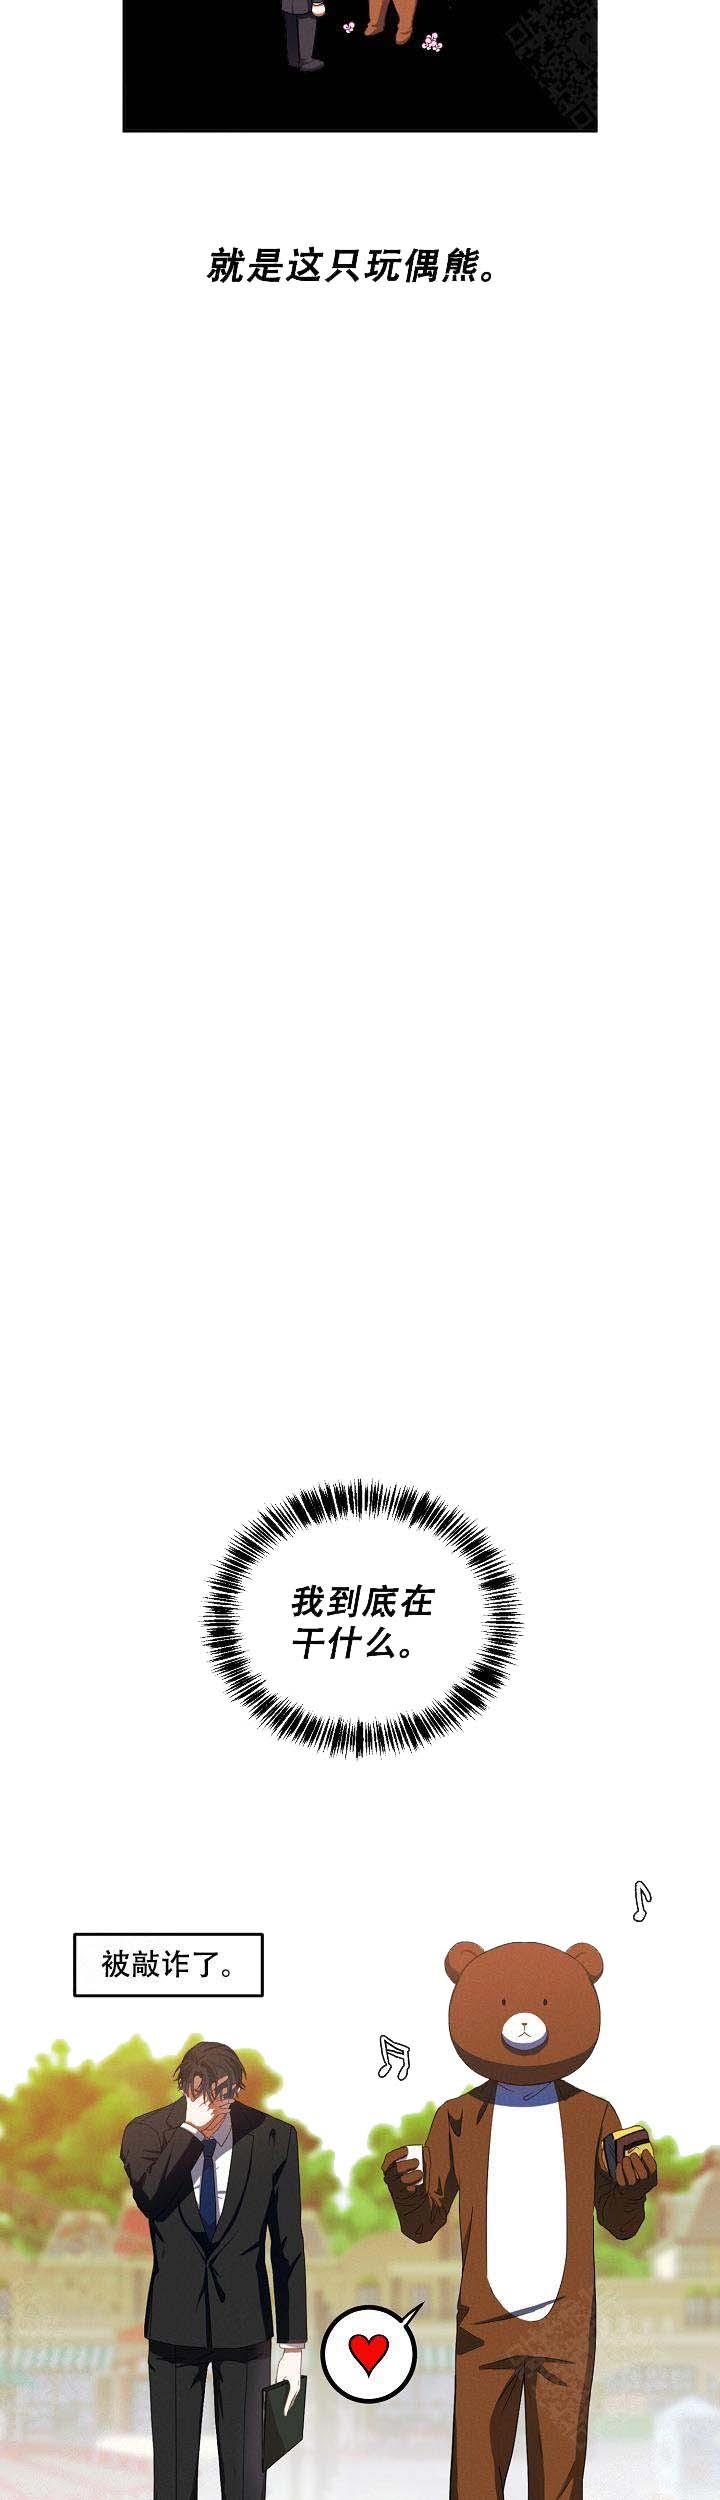 解脱-漫画完整版汉化下拉式阅读_最新连载首发-啵乐漫画